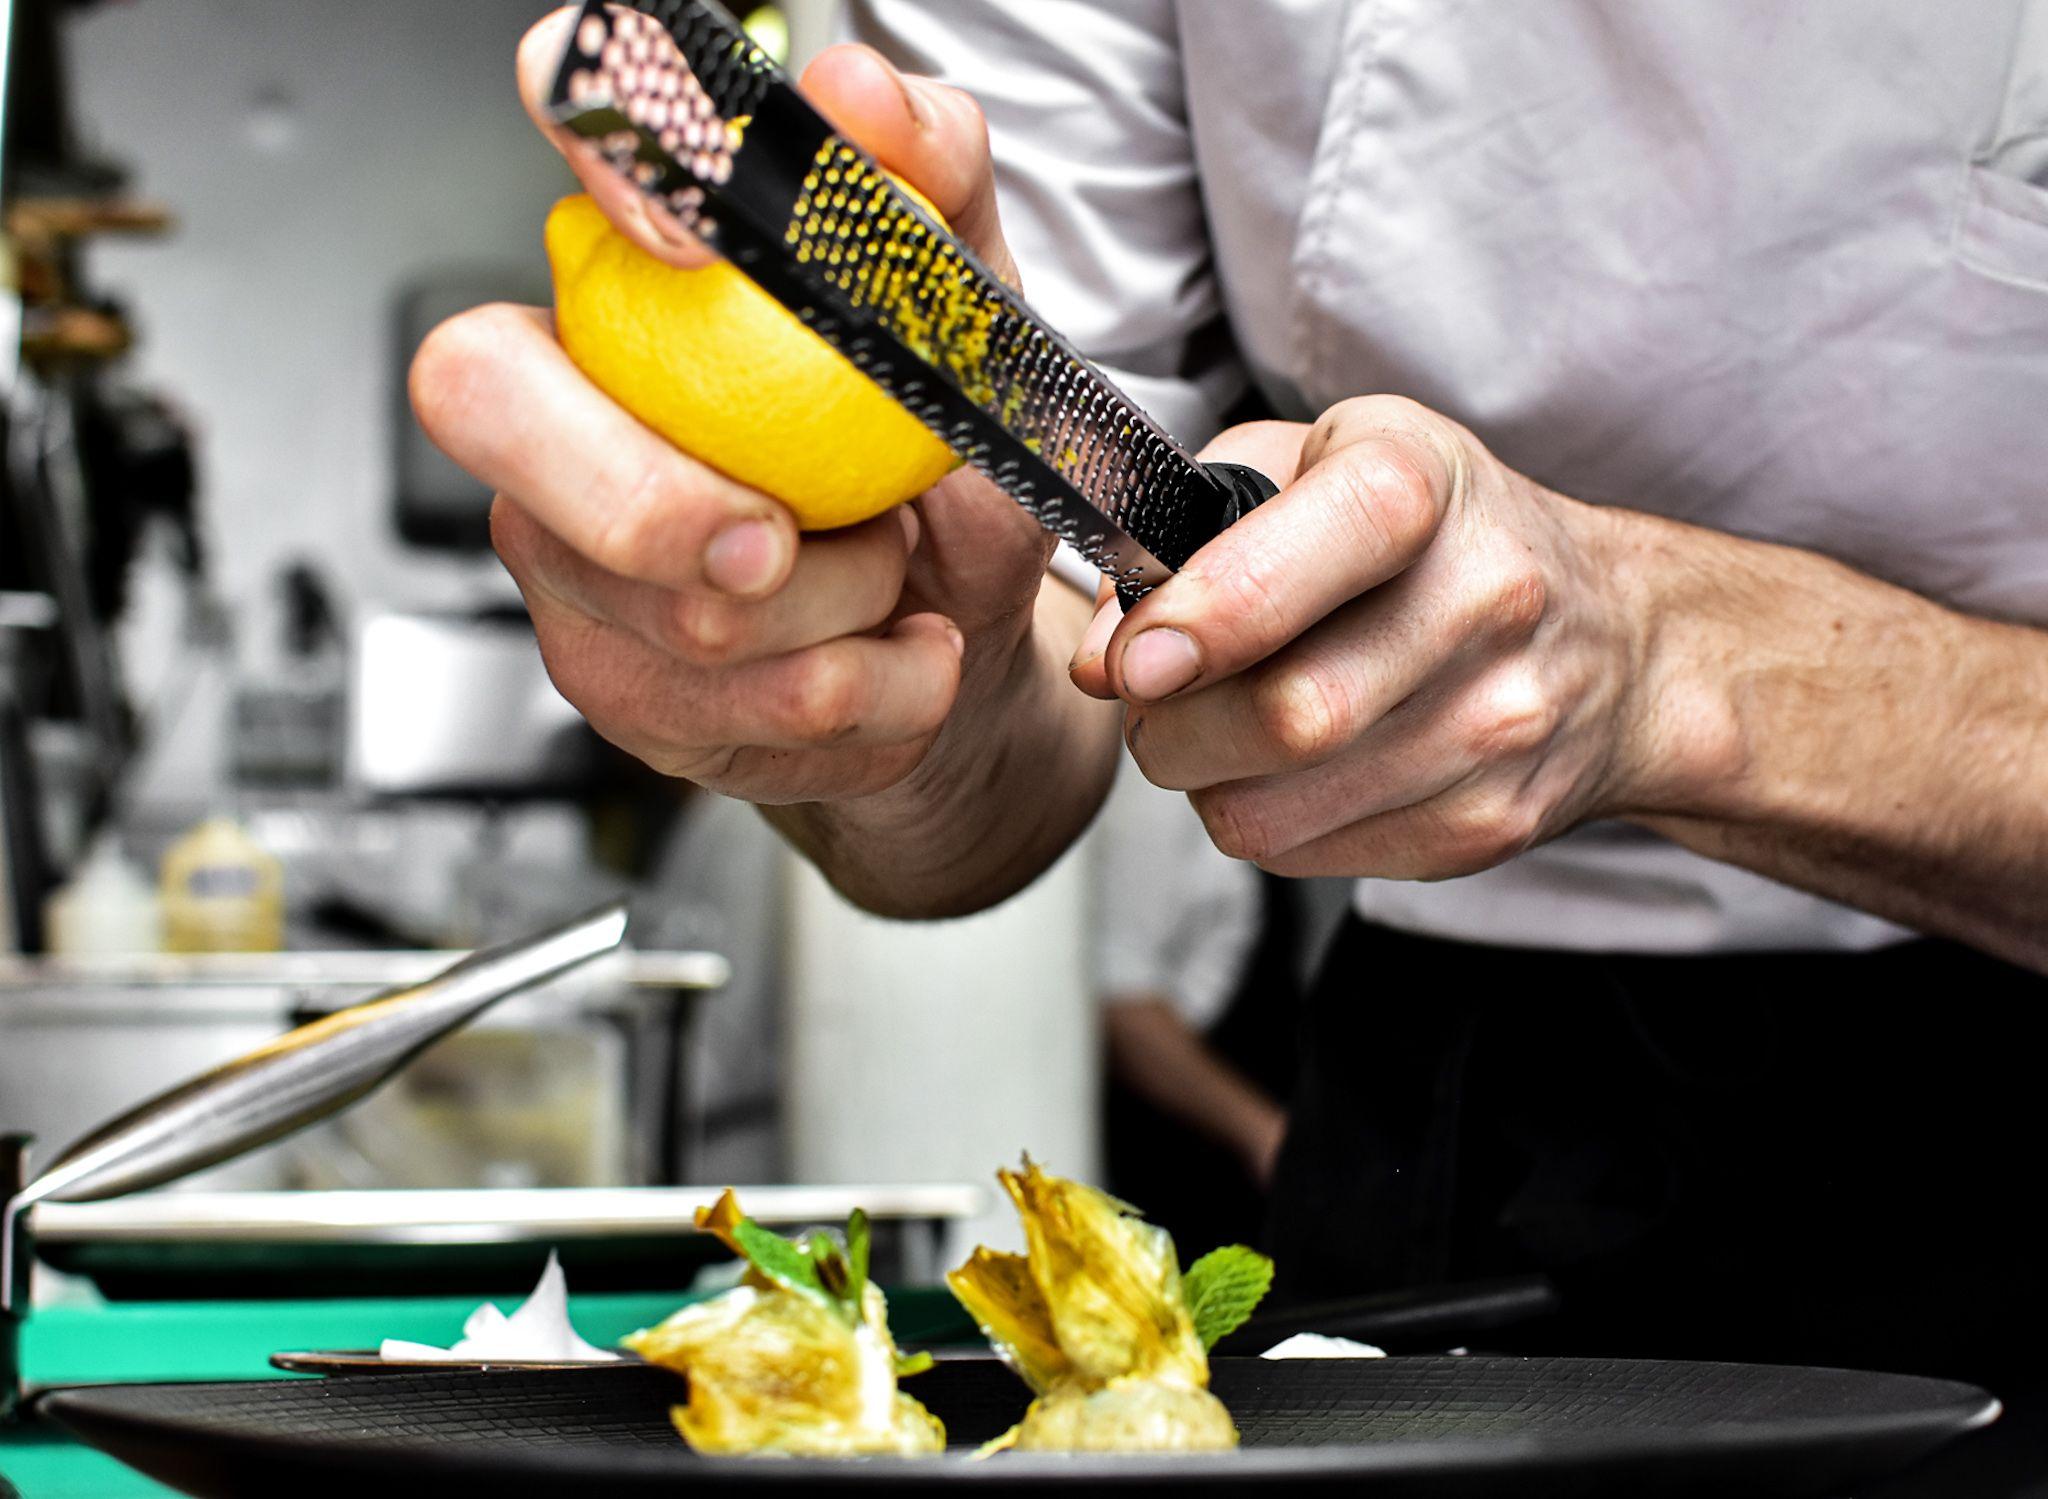 No hay nada como un plato que te haga descubrir cada sabor, cada aroma, cada pequeño detalle que lo hace especial... En este ocasión, el toque cítrico del limón 🍋 hará de este plato una experiencia sublime!  #chef #cocking #cocinando #fotogastronomica #gastronomia #tapas #restaurante #cocina